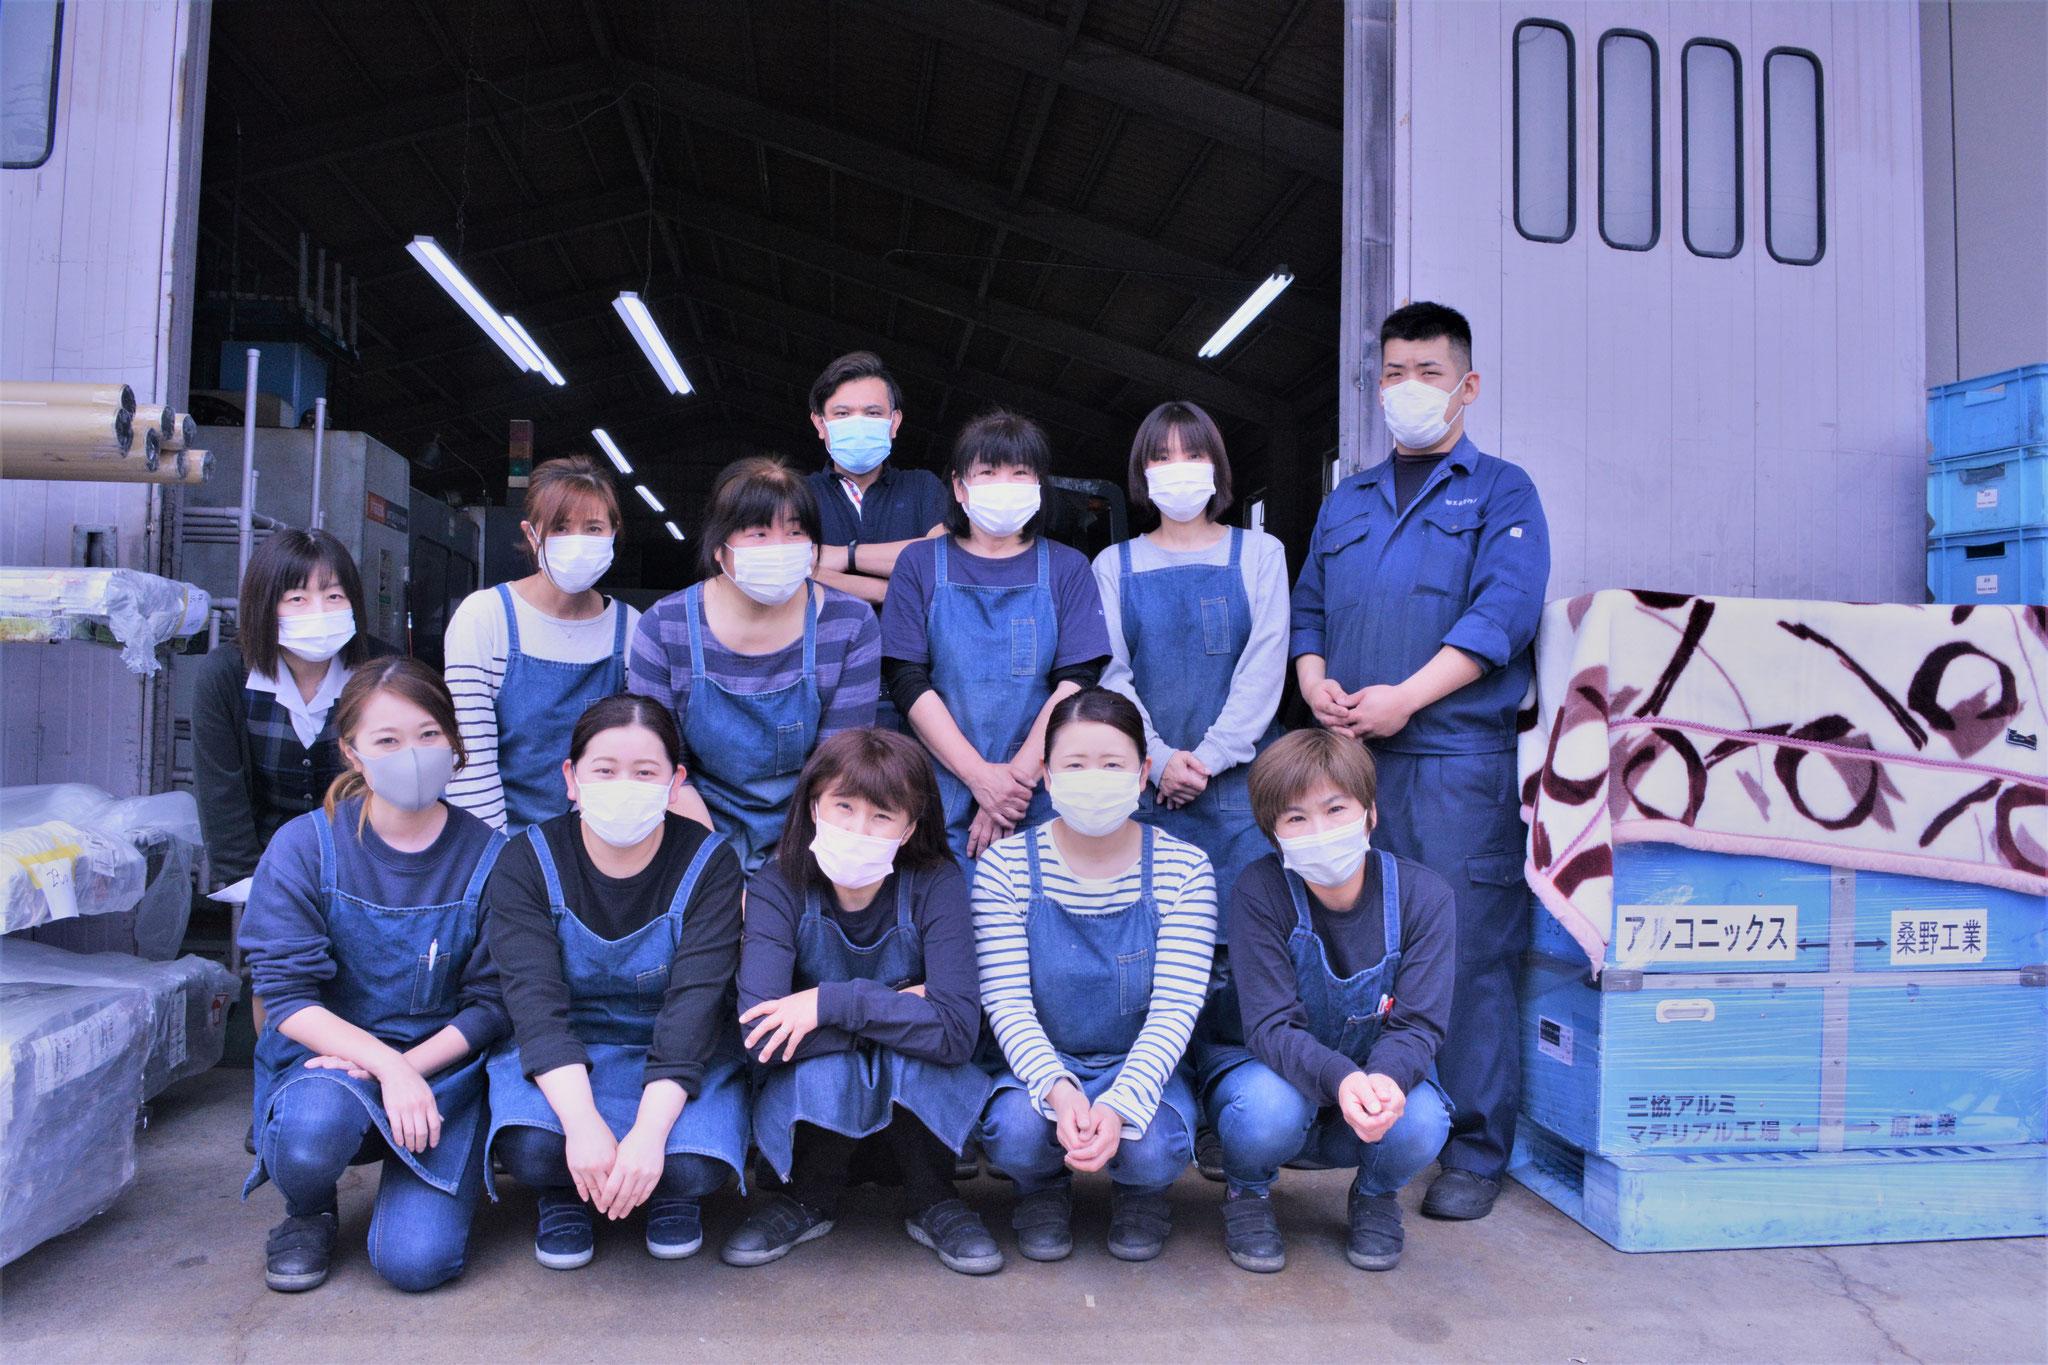 第一部品工場 ※コロナウイルス感染予防の為、全員マスクを着用しています。